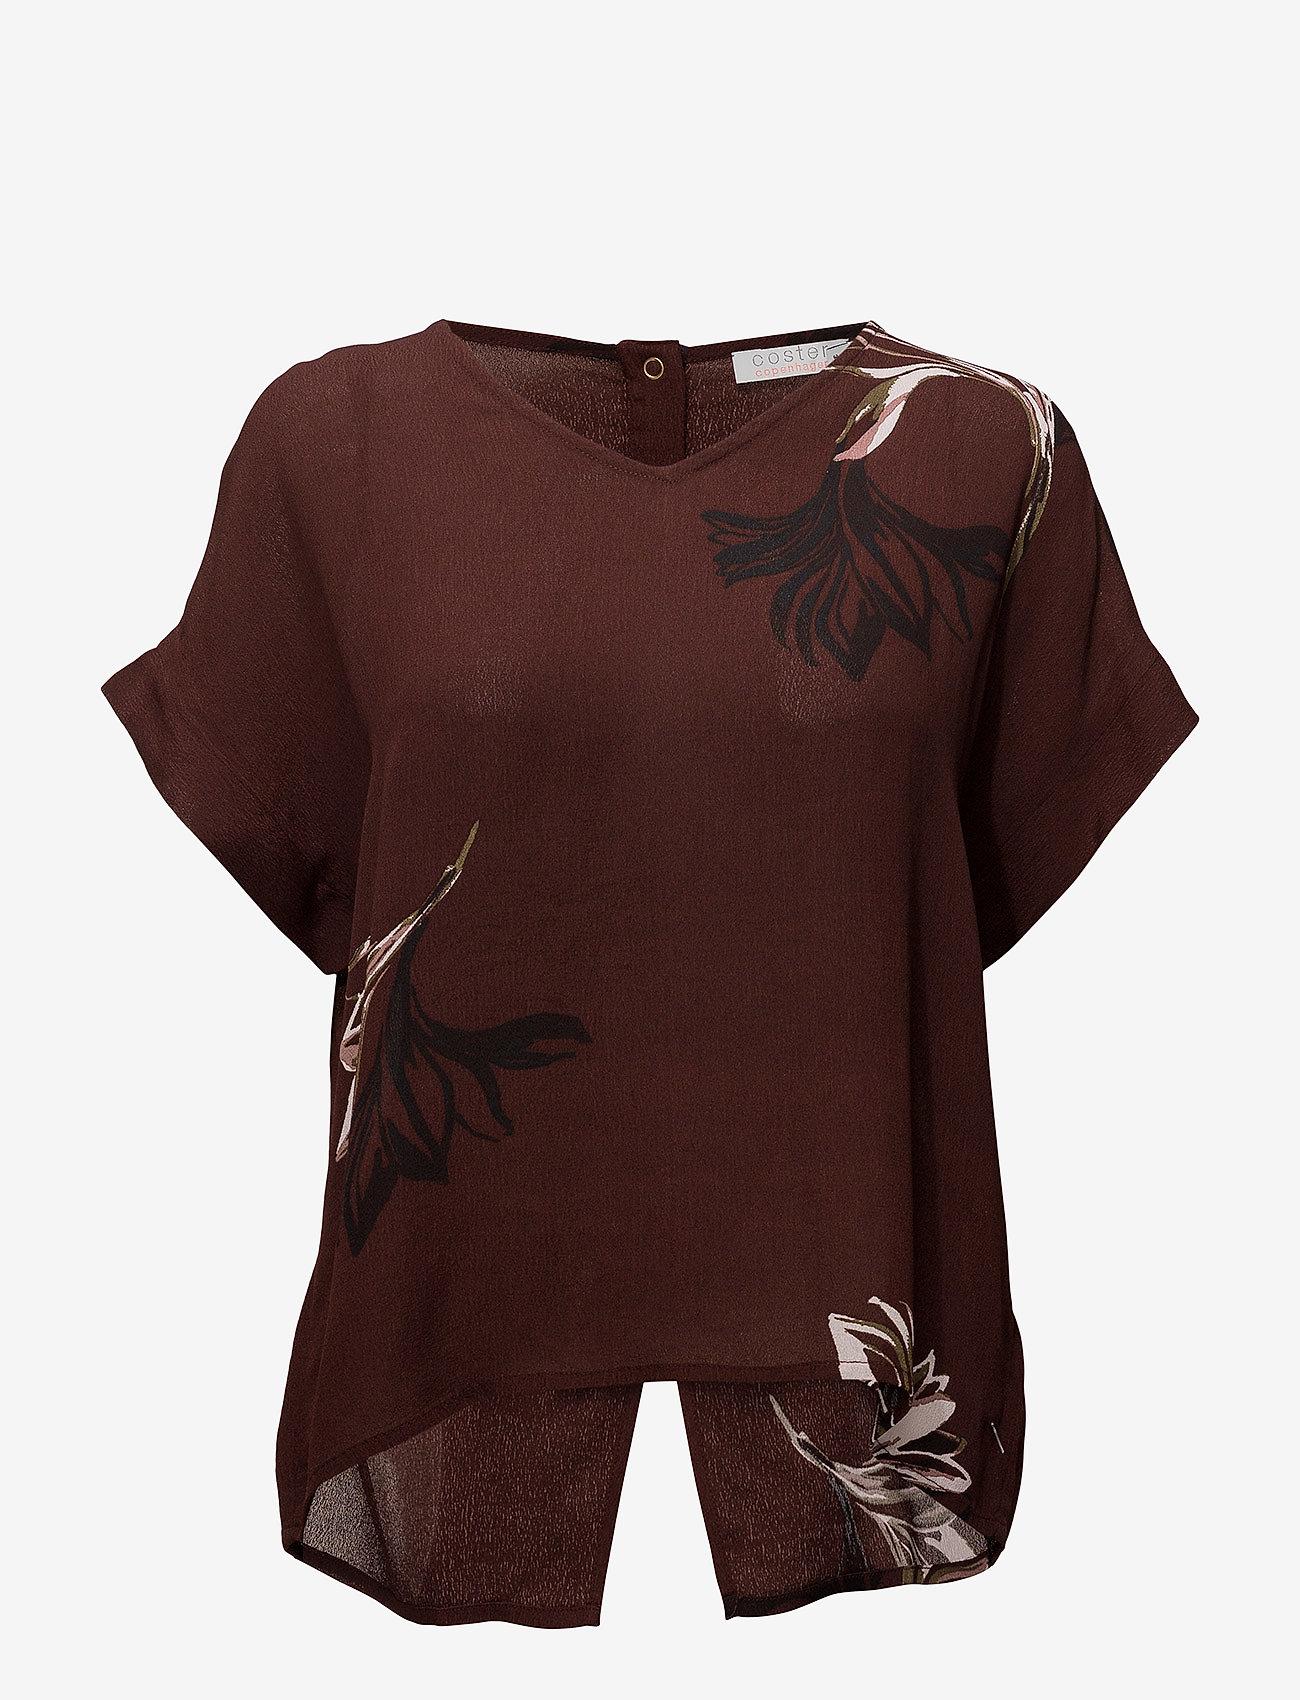 Coster Copenhagen - Short sleeve top w. blossom print - t-shirts - blossum print